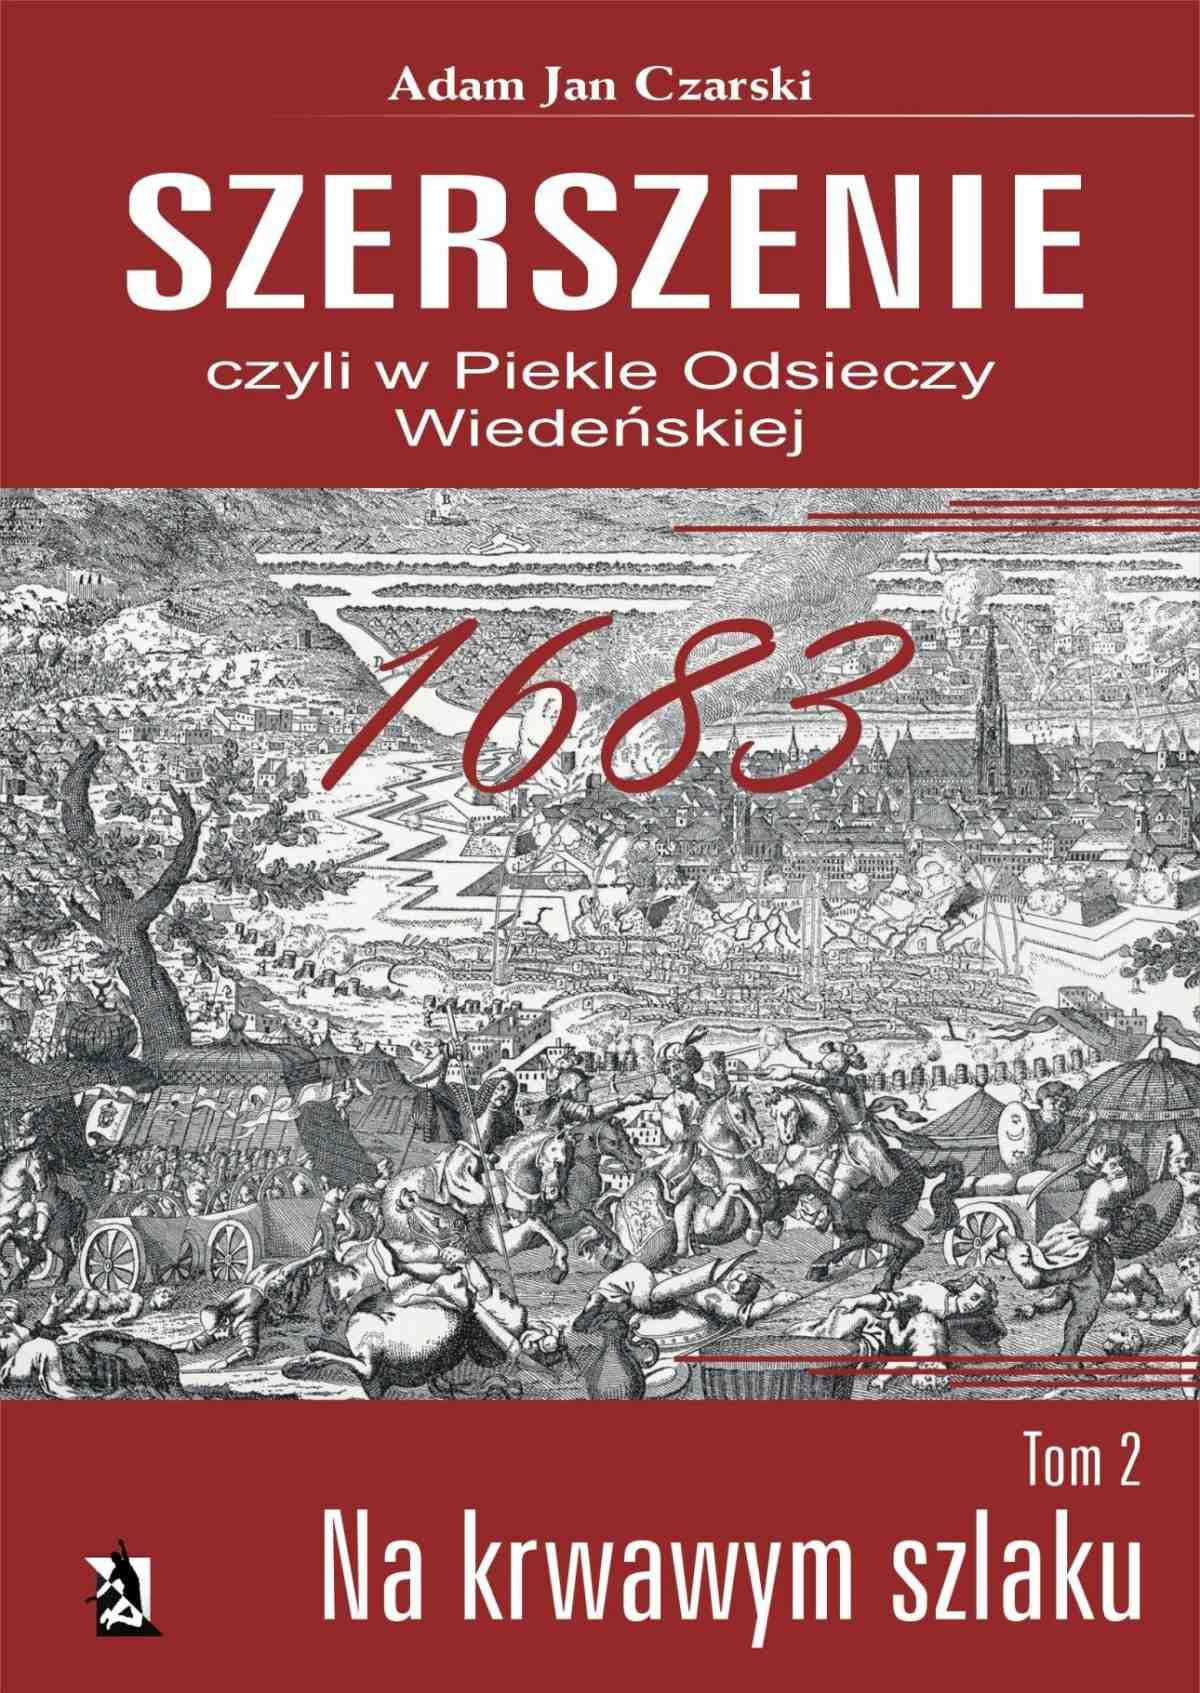 Szerszenie, czyli w piekle Odsieczy Wiedeńskiej. Tom II Na krwawym szlaku - Ebook (Książka na Kindle) do pobrania w formacie MOBI